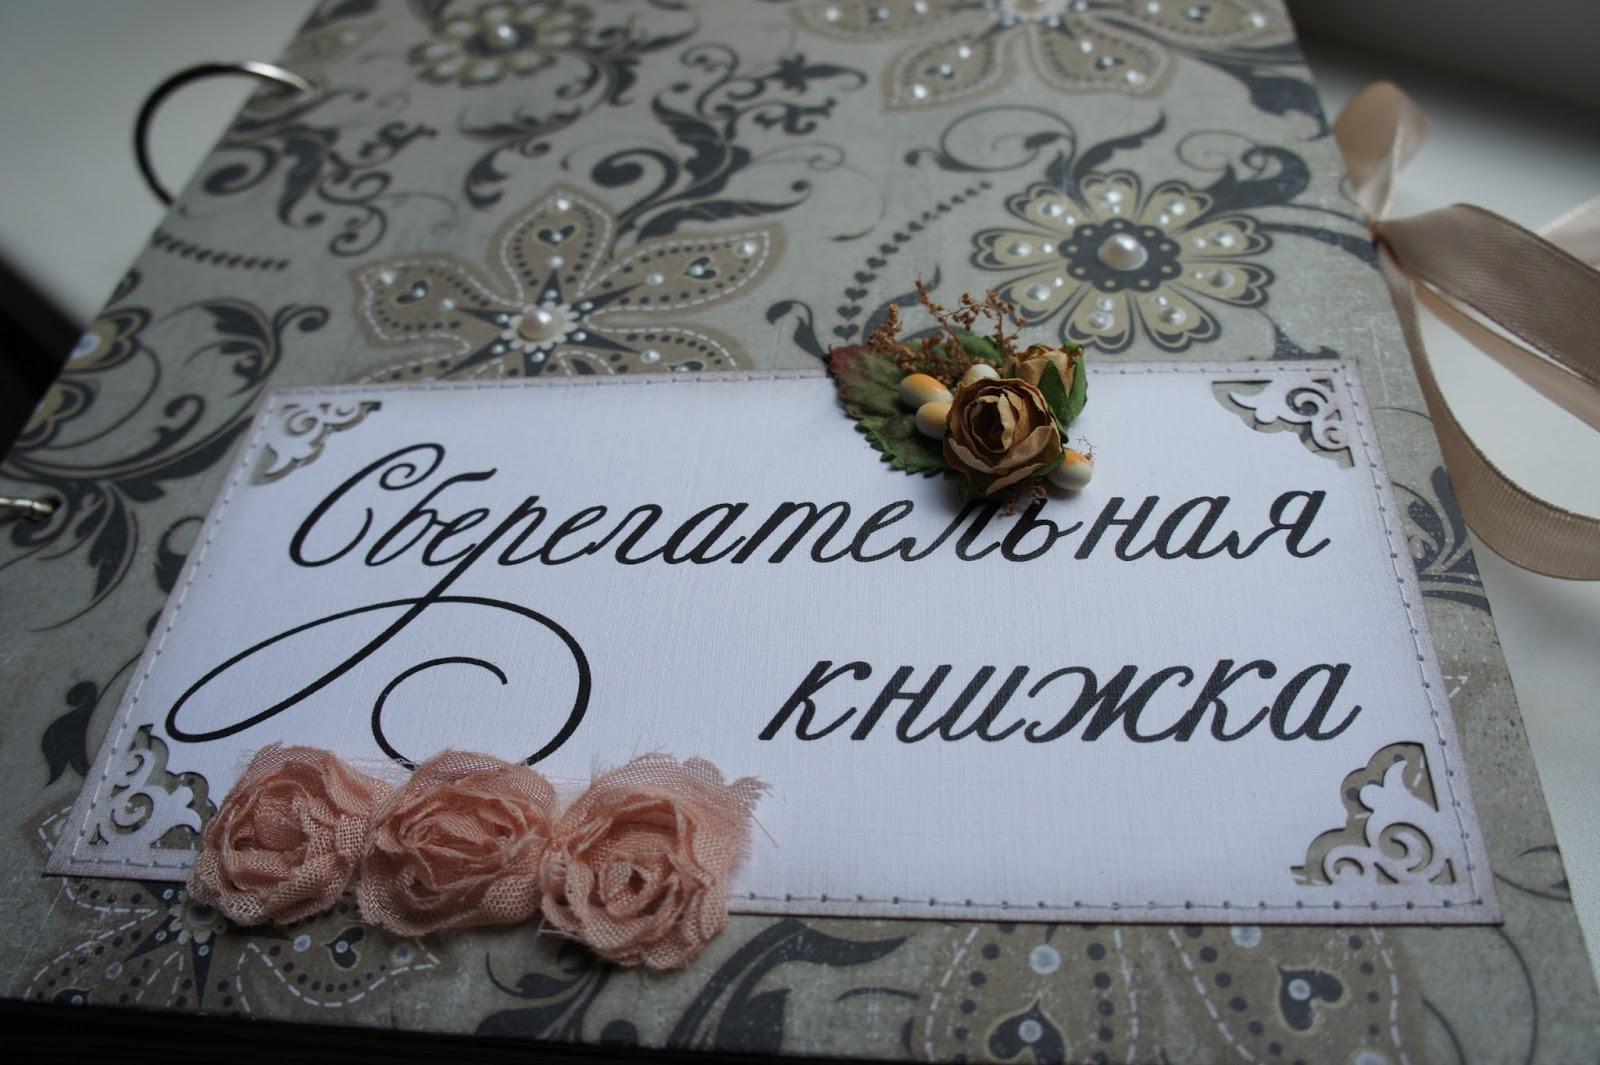 Оригинальный подарок на ситцевую свадьбу друзьям